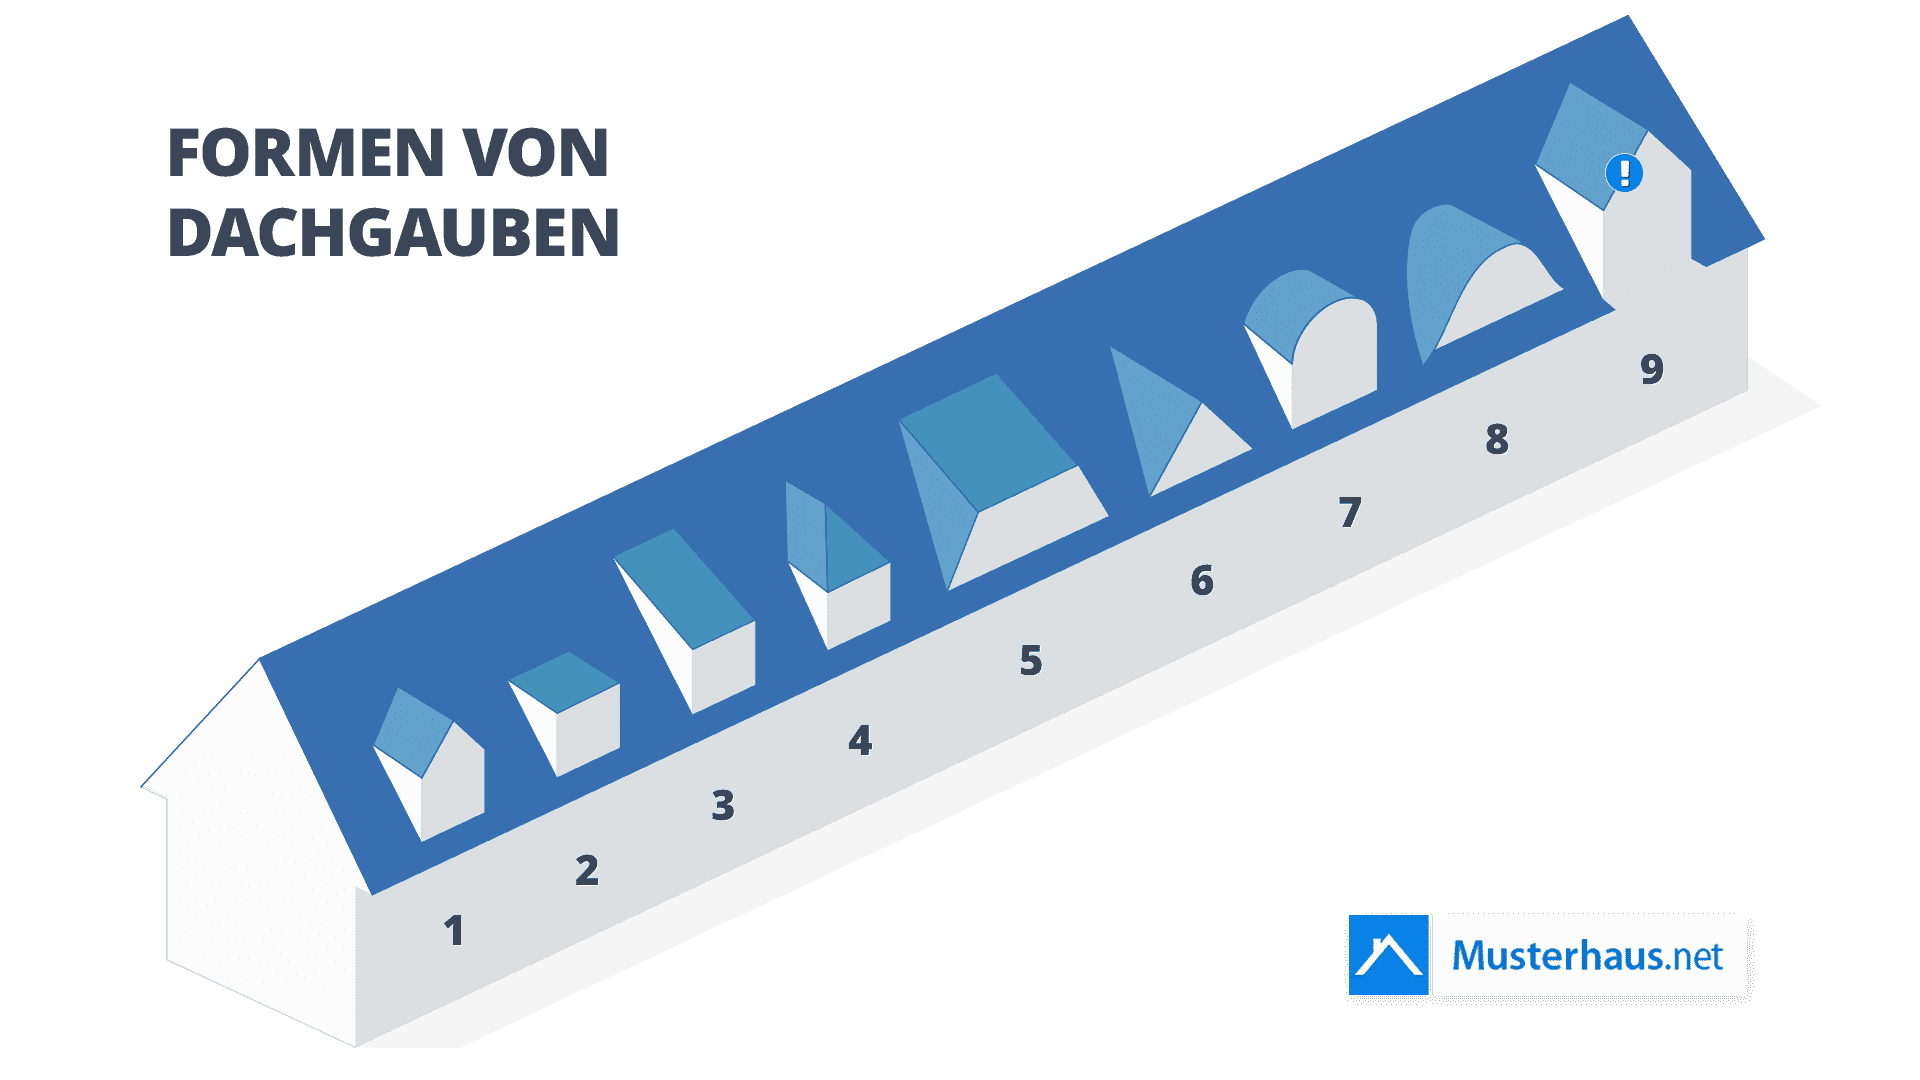 Dachgauben Infografik